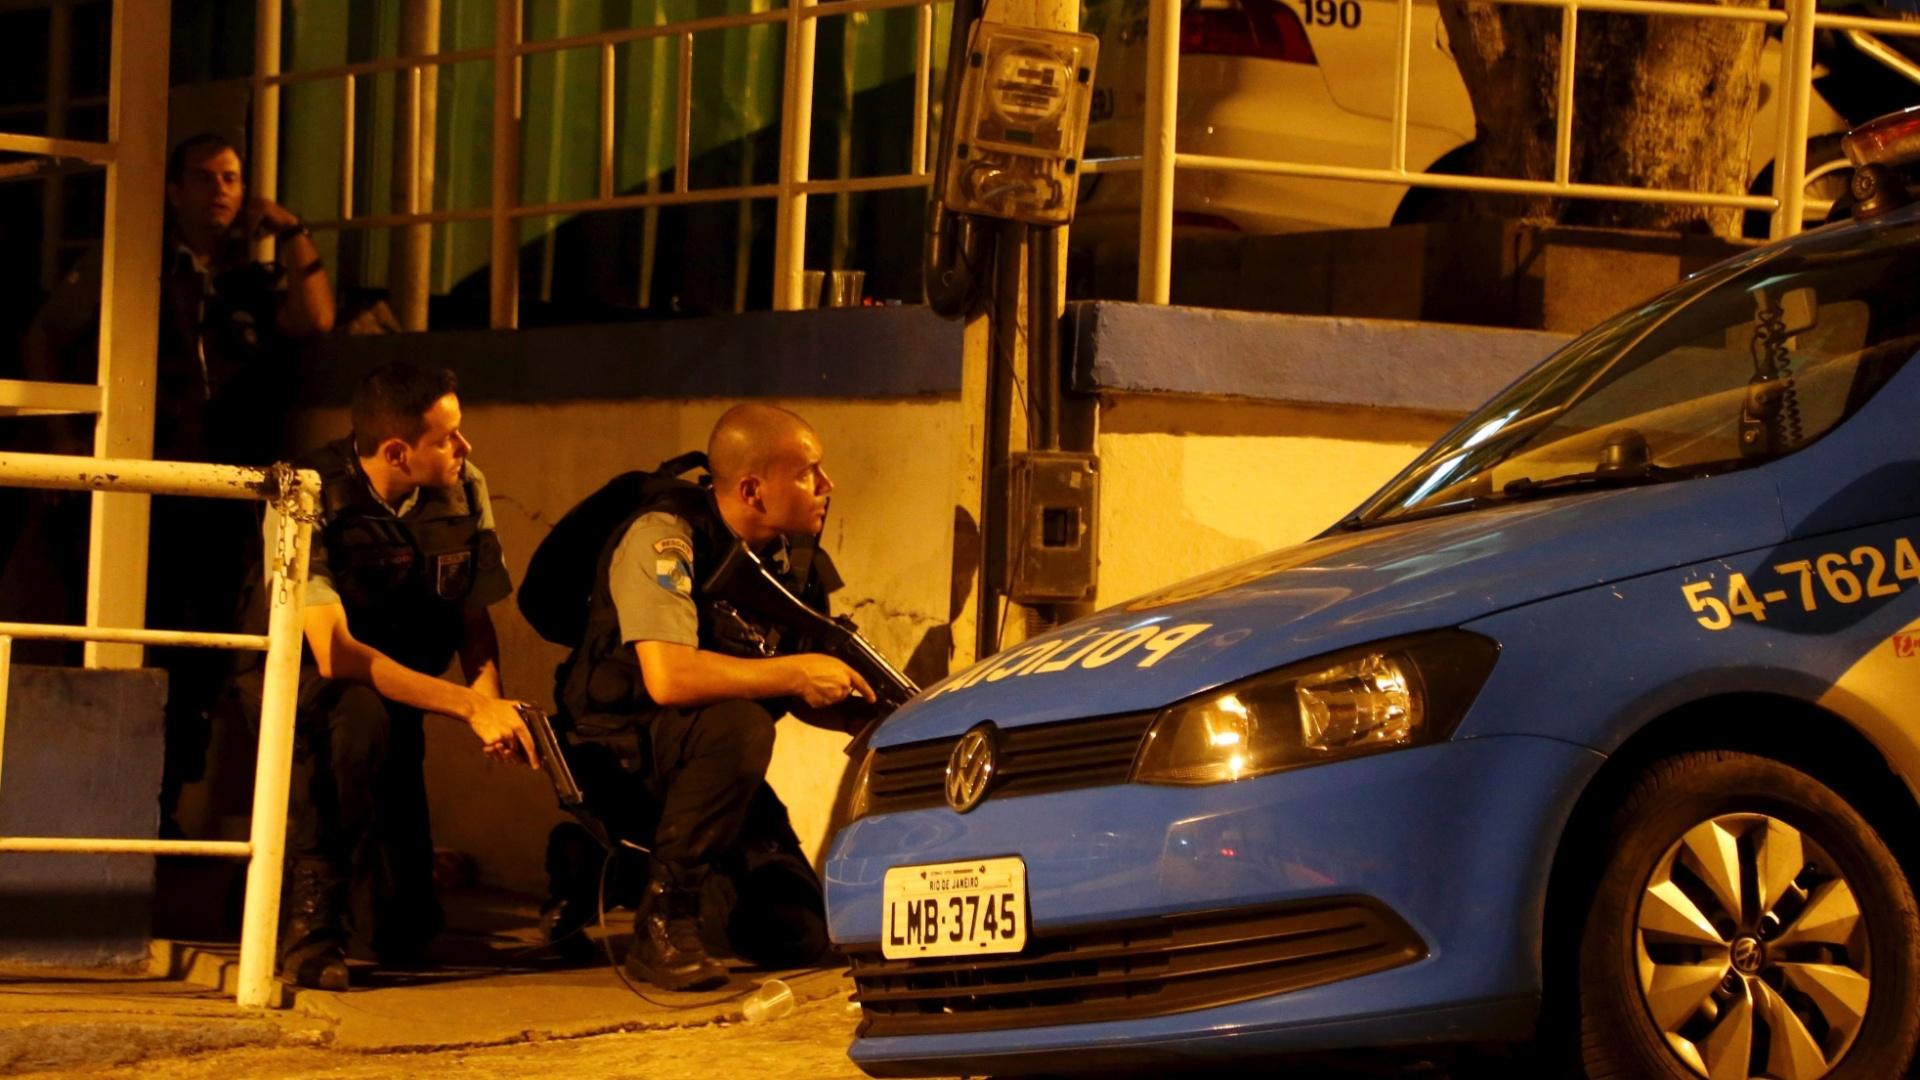 9.fev.2015 - Policiais da UPP (Unidade de Polícia Pacificadora) da favela do Salgueiro, na Tijuca, na zona norte do Rio de Janeiro, foram atacados a tiros por traficantes de drogas na noite desta segunda-feira (9). Durante o confronto, um suspeito morreu e dois policiais ficaram feridos após serem atingidos por disparos